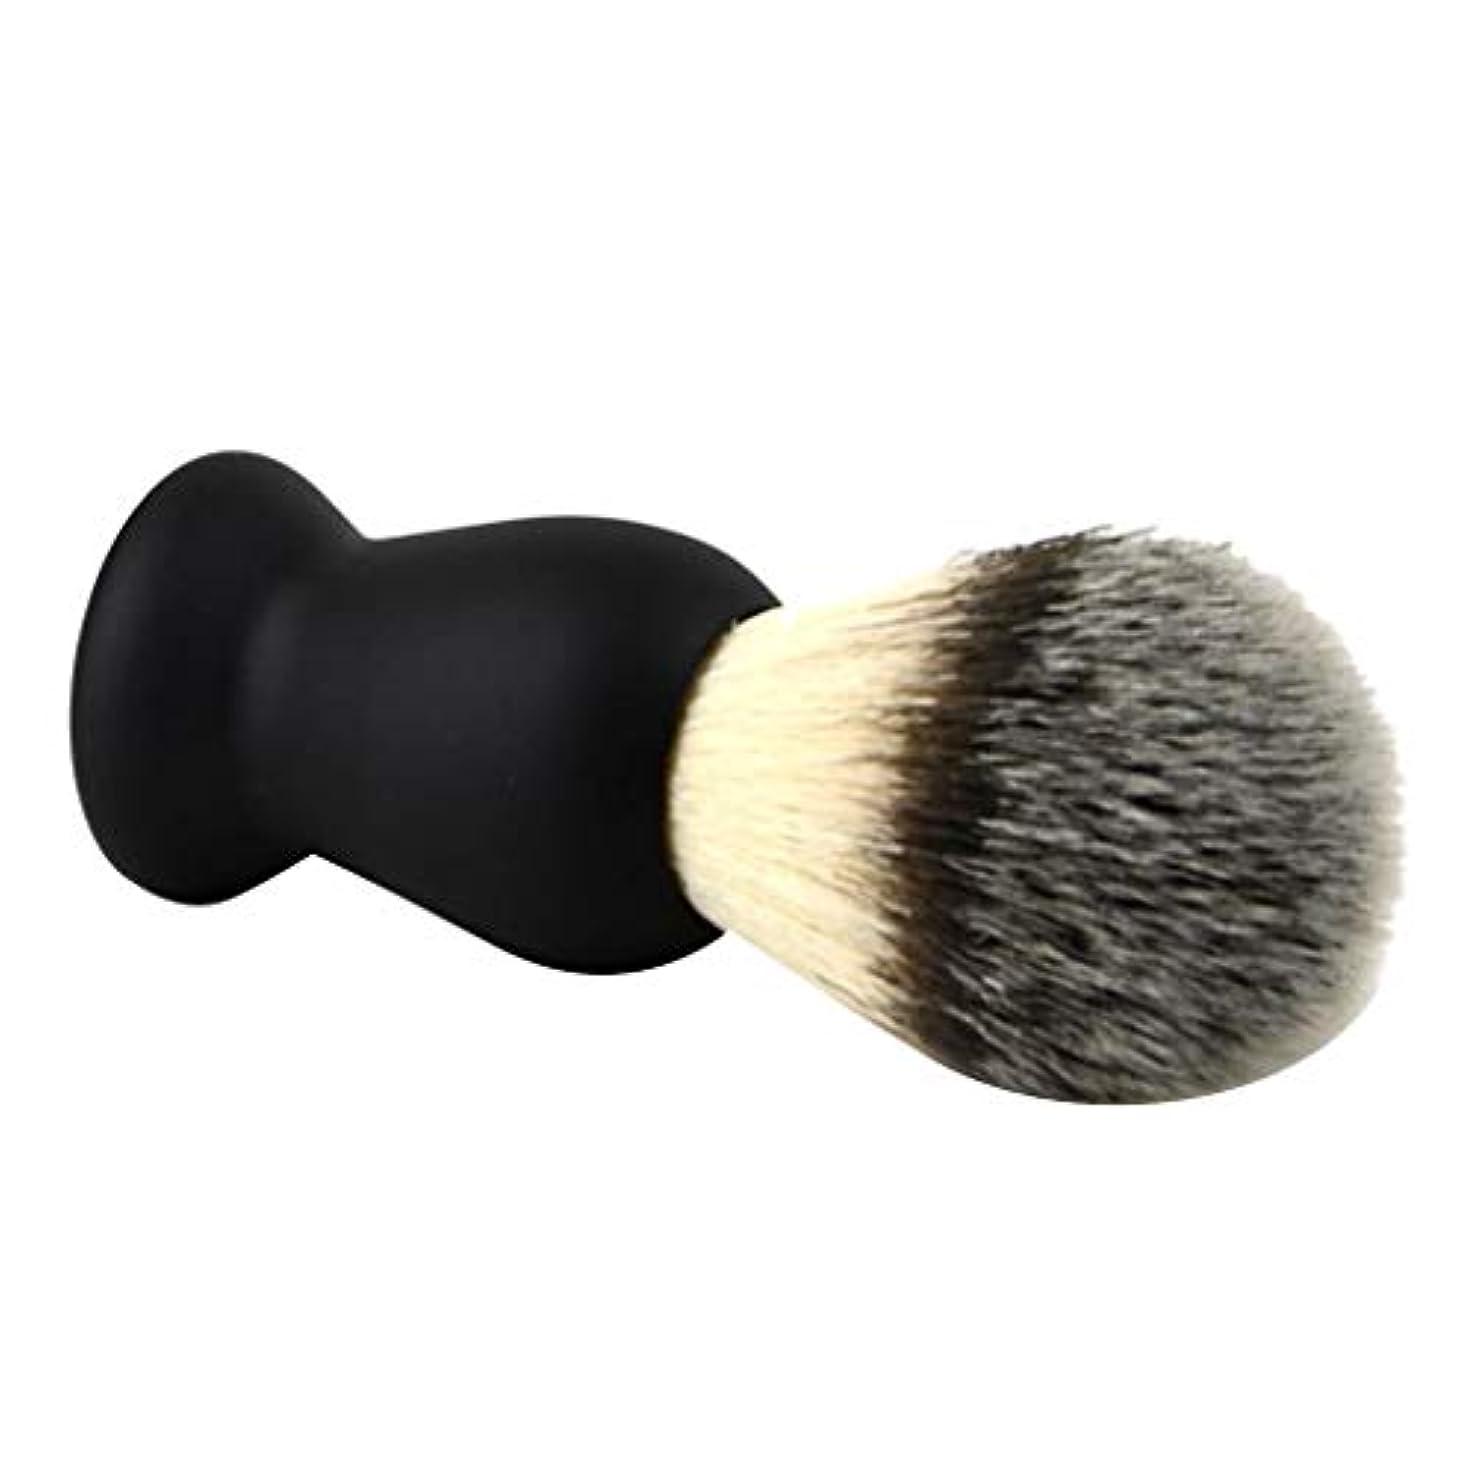 火曜日り異形メンズ シェービングブラシ ひげブラシ 毛髭ブラシ 理髪用 首 顔 髭剃り 泡立て 散髪整理